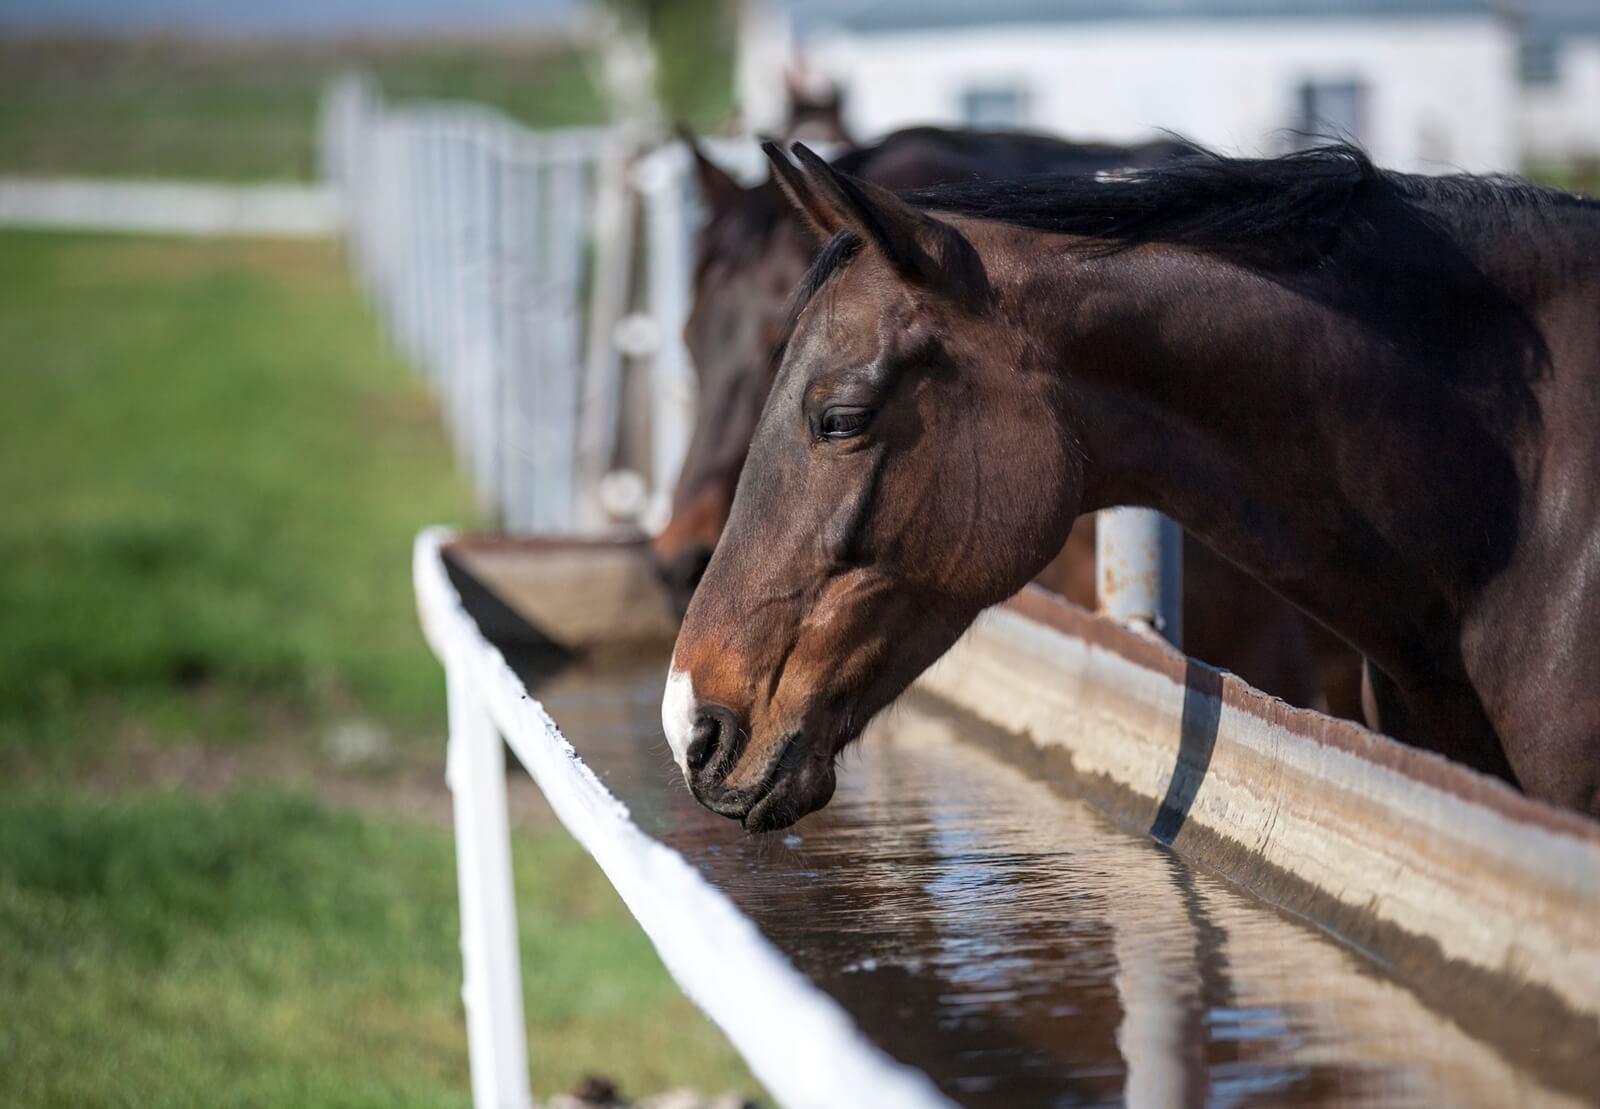 Обезвоживание: как поддержать водный баланс лошади в жару - фото Loshadi-pyut-vodu, главная Здоровье лошади Разное Рацион , конный журнал EquiLIfe